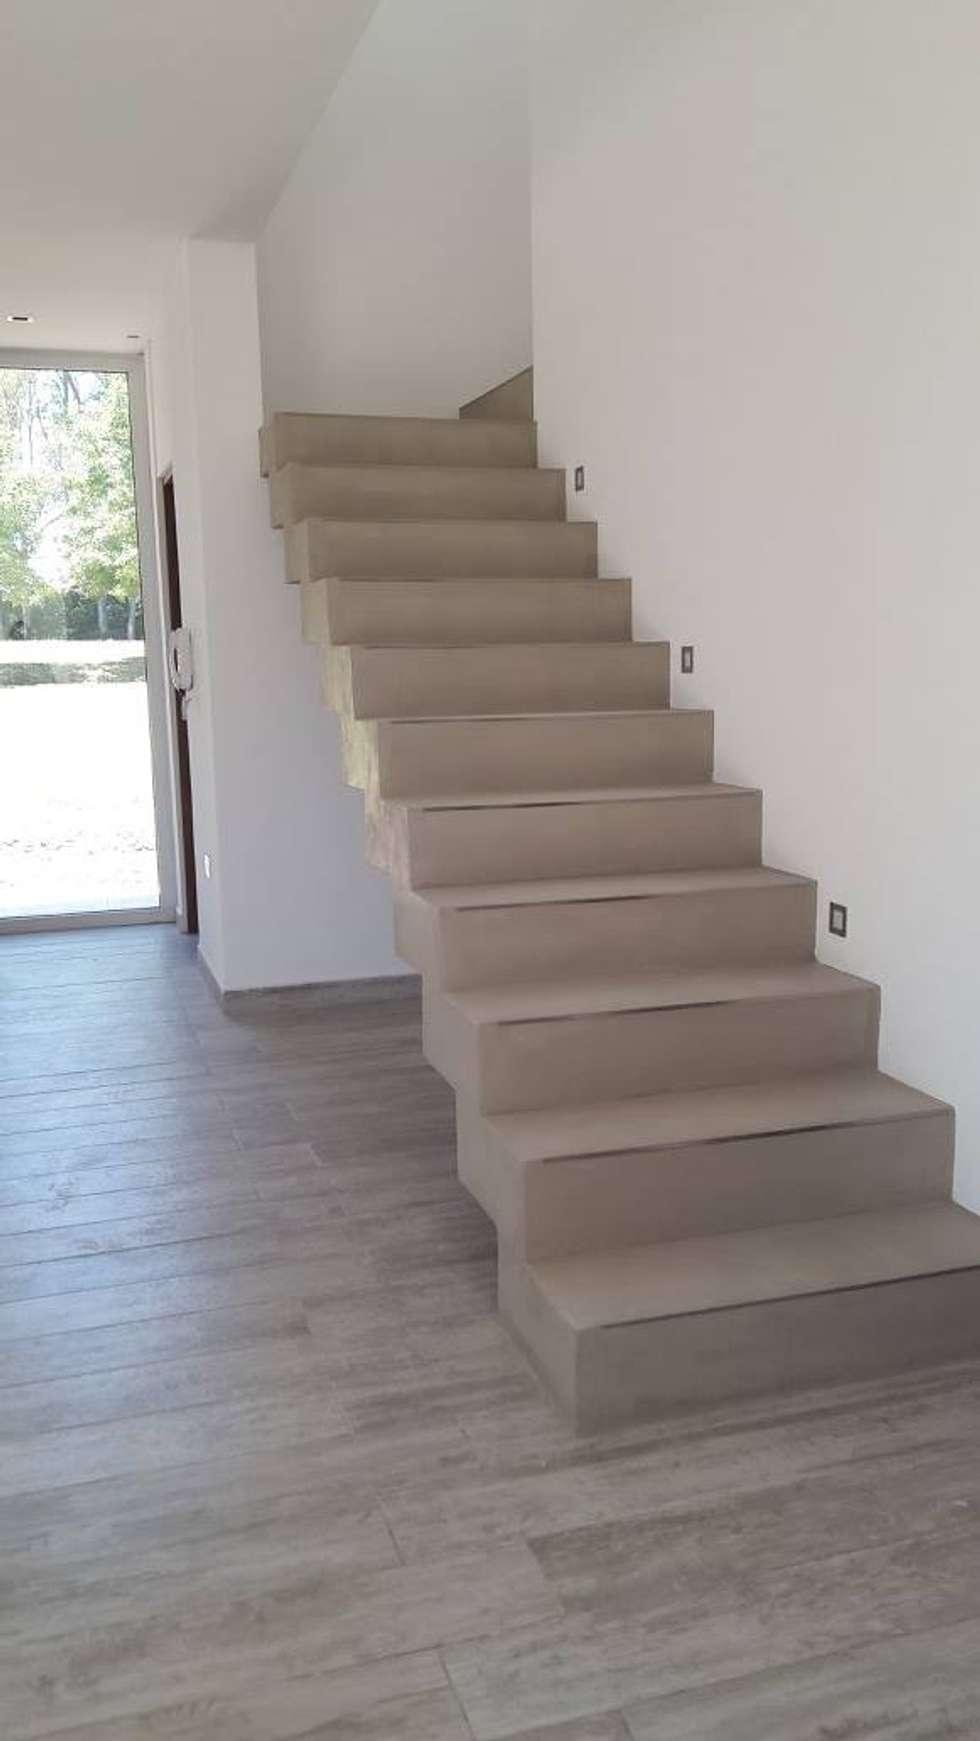 Escalera plegada de hormigón: Escaleras de estilo  por Arquitectura Bur Zurita